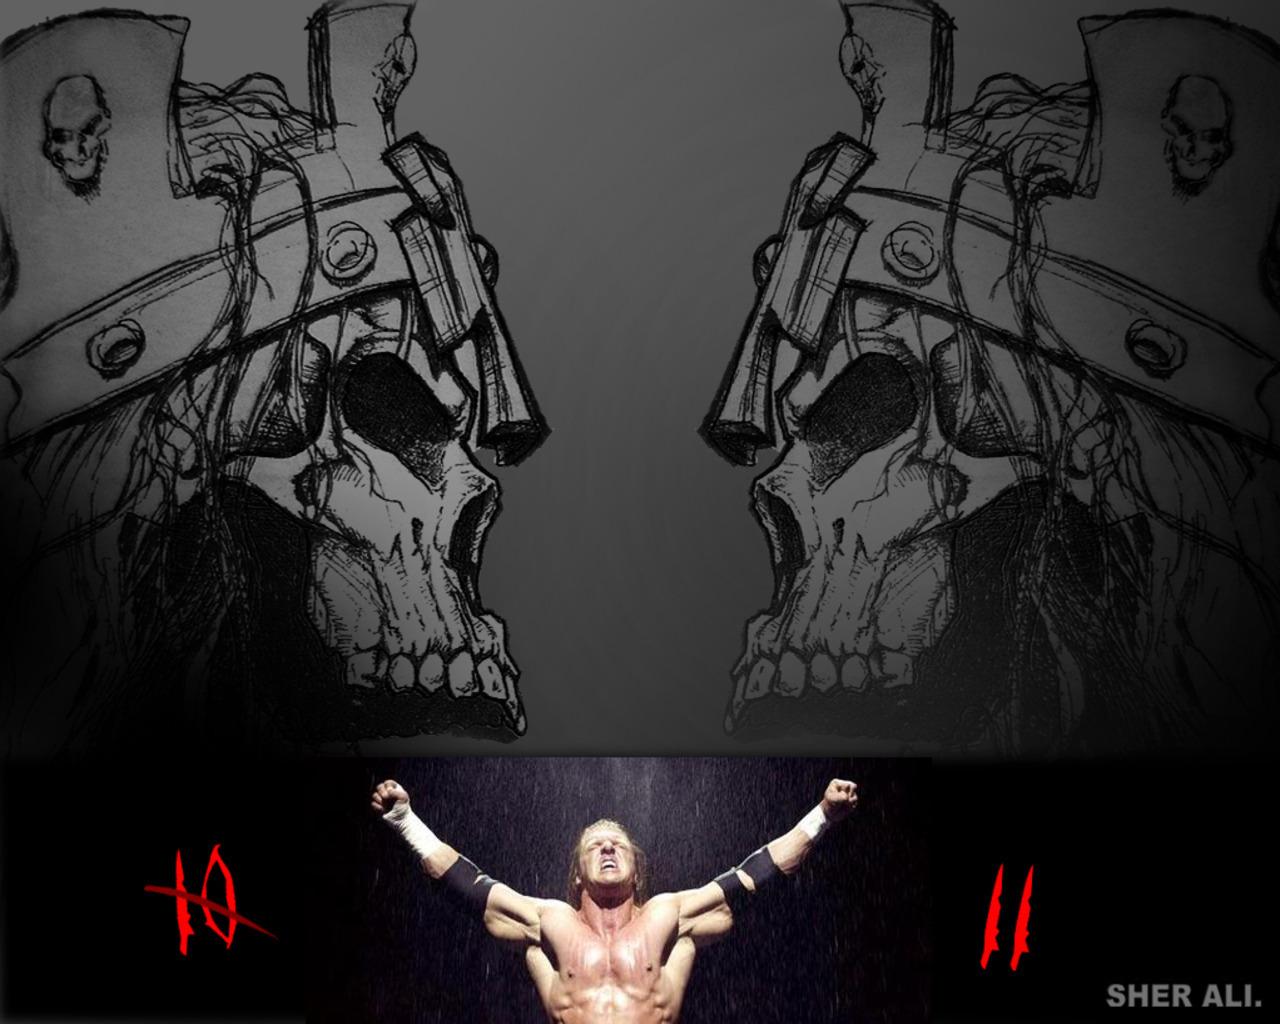 triple h   WWE Photo 12211513 1280x1024